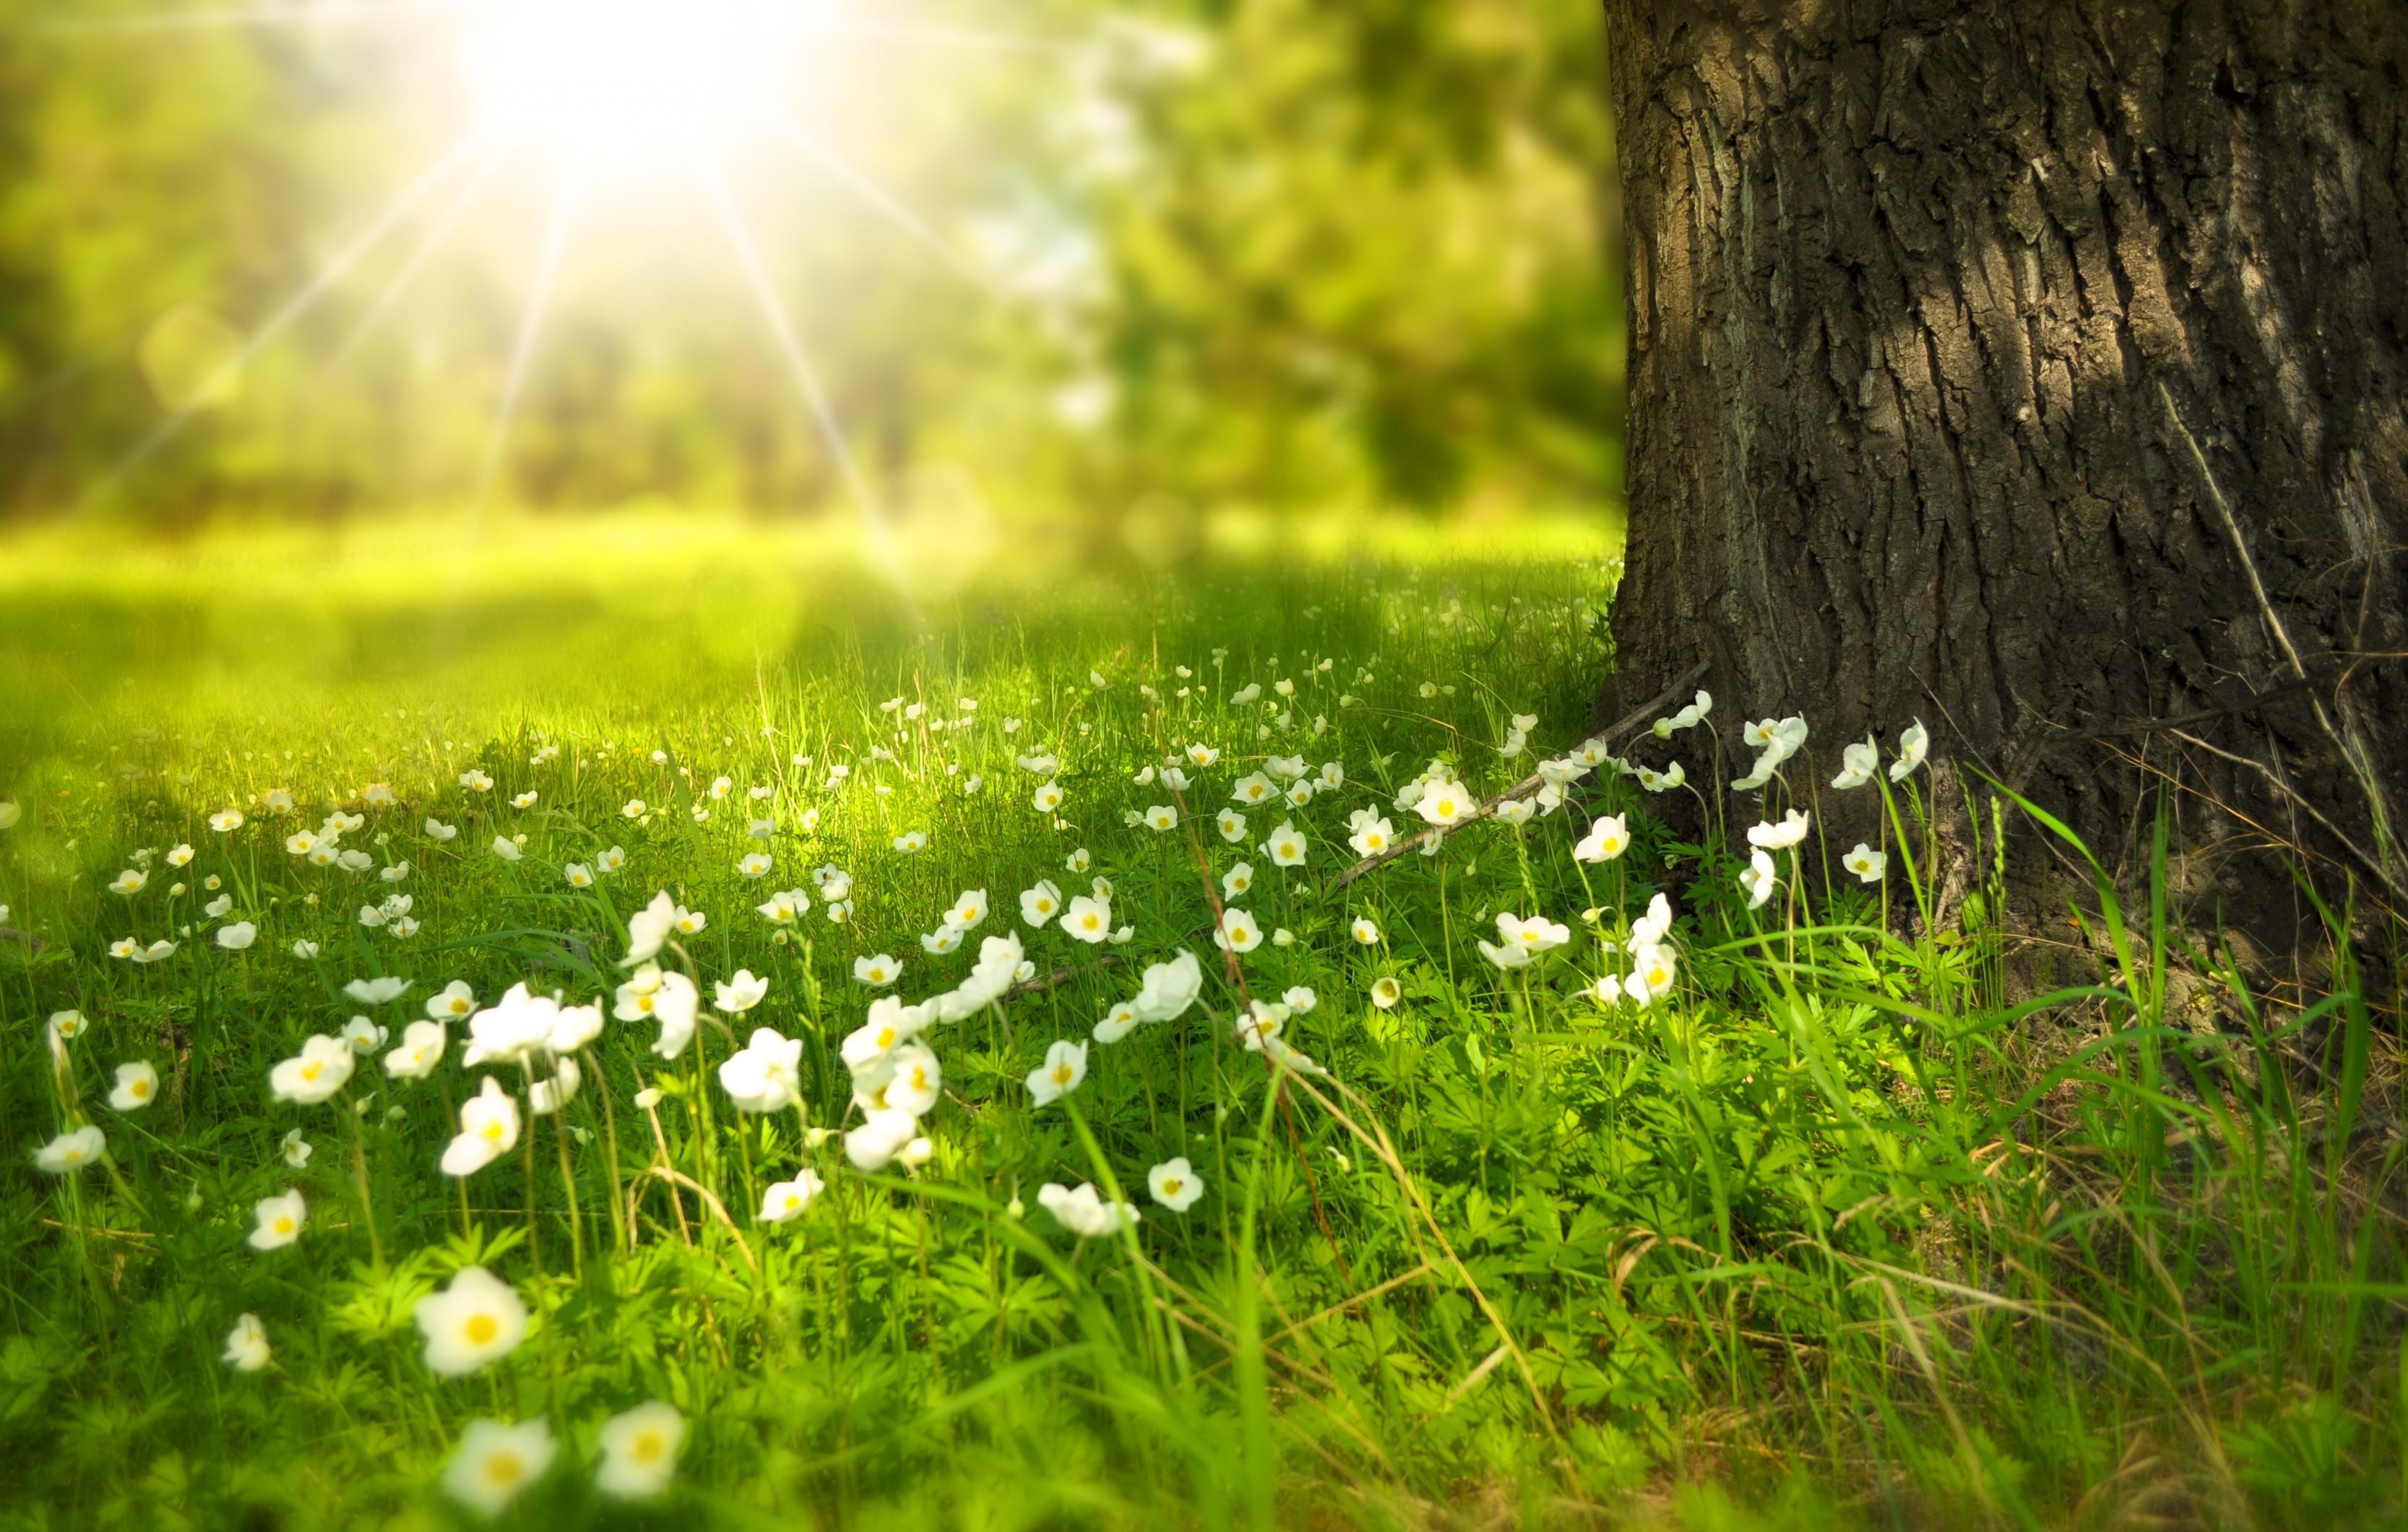 بالصور صور من الطبيعة , اجمل صور عن الطبيعة